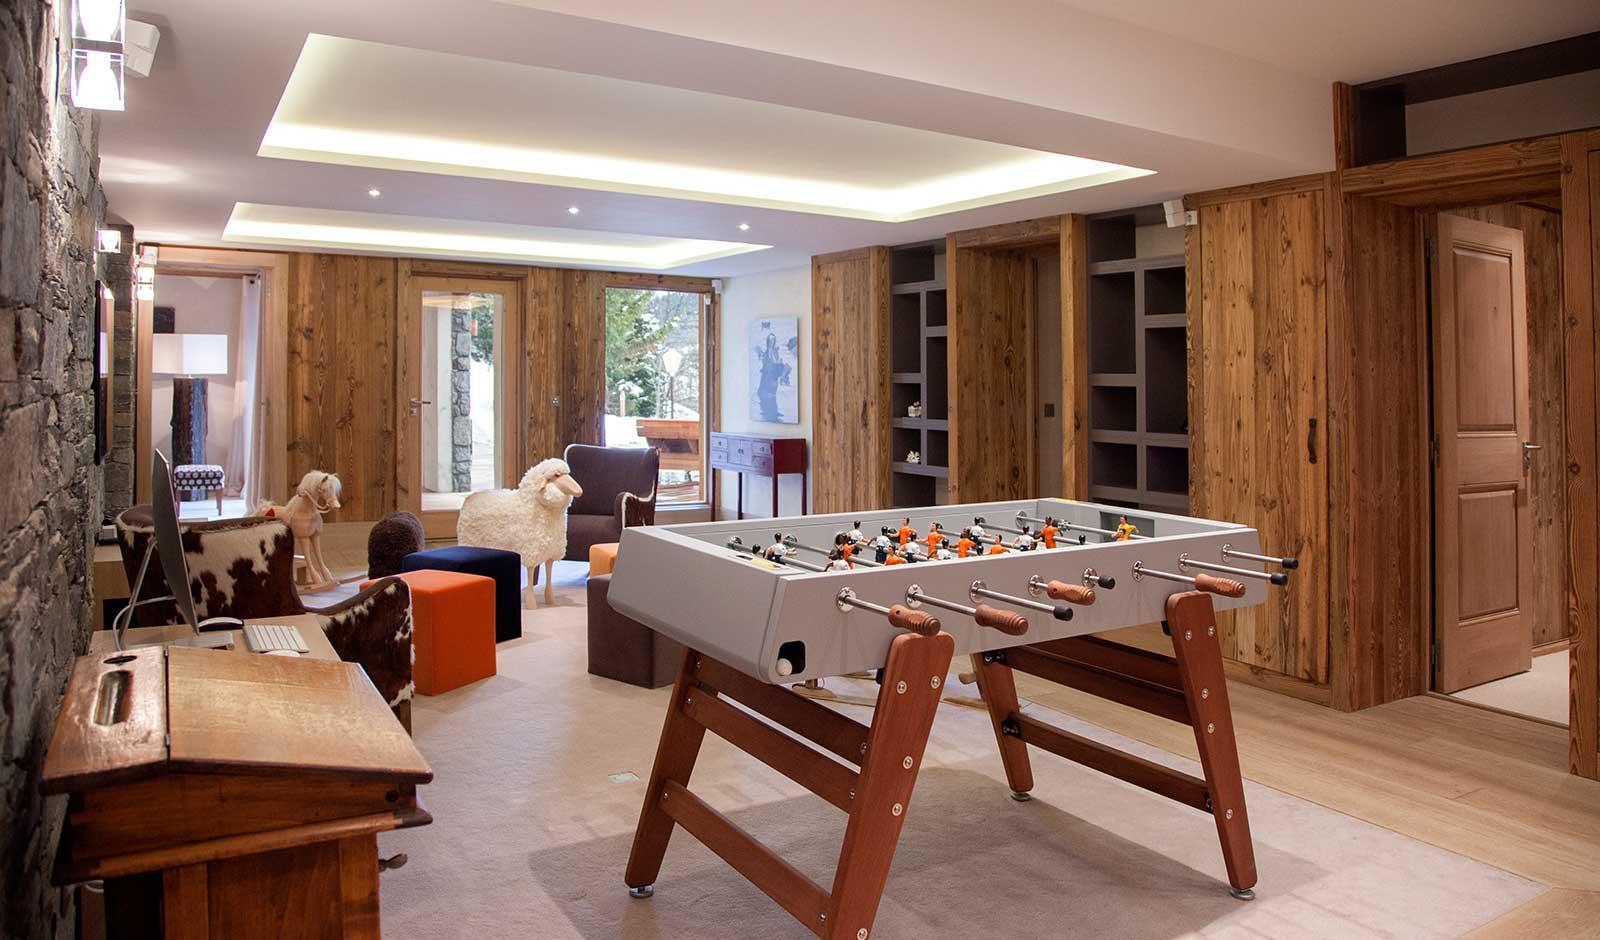 chalet-mont-tremblant-12-atelier-crea-and-co-architecte-design-project-manager-meribel-savoie